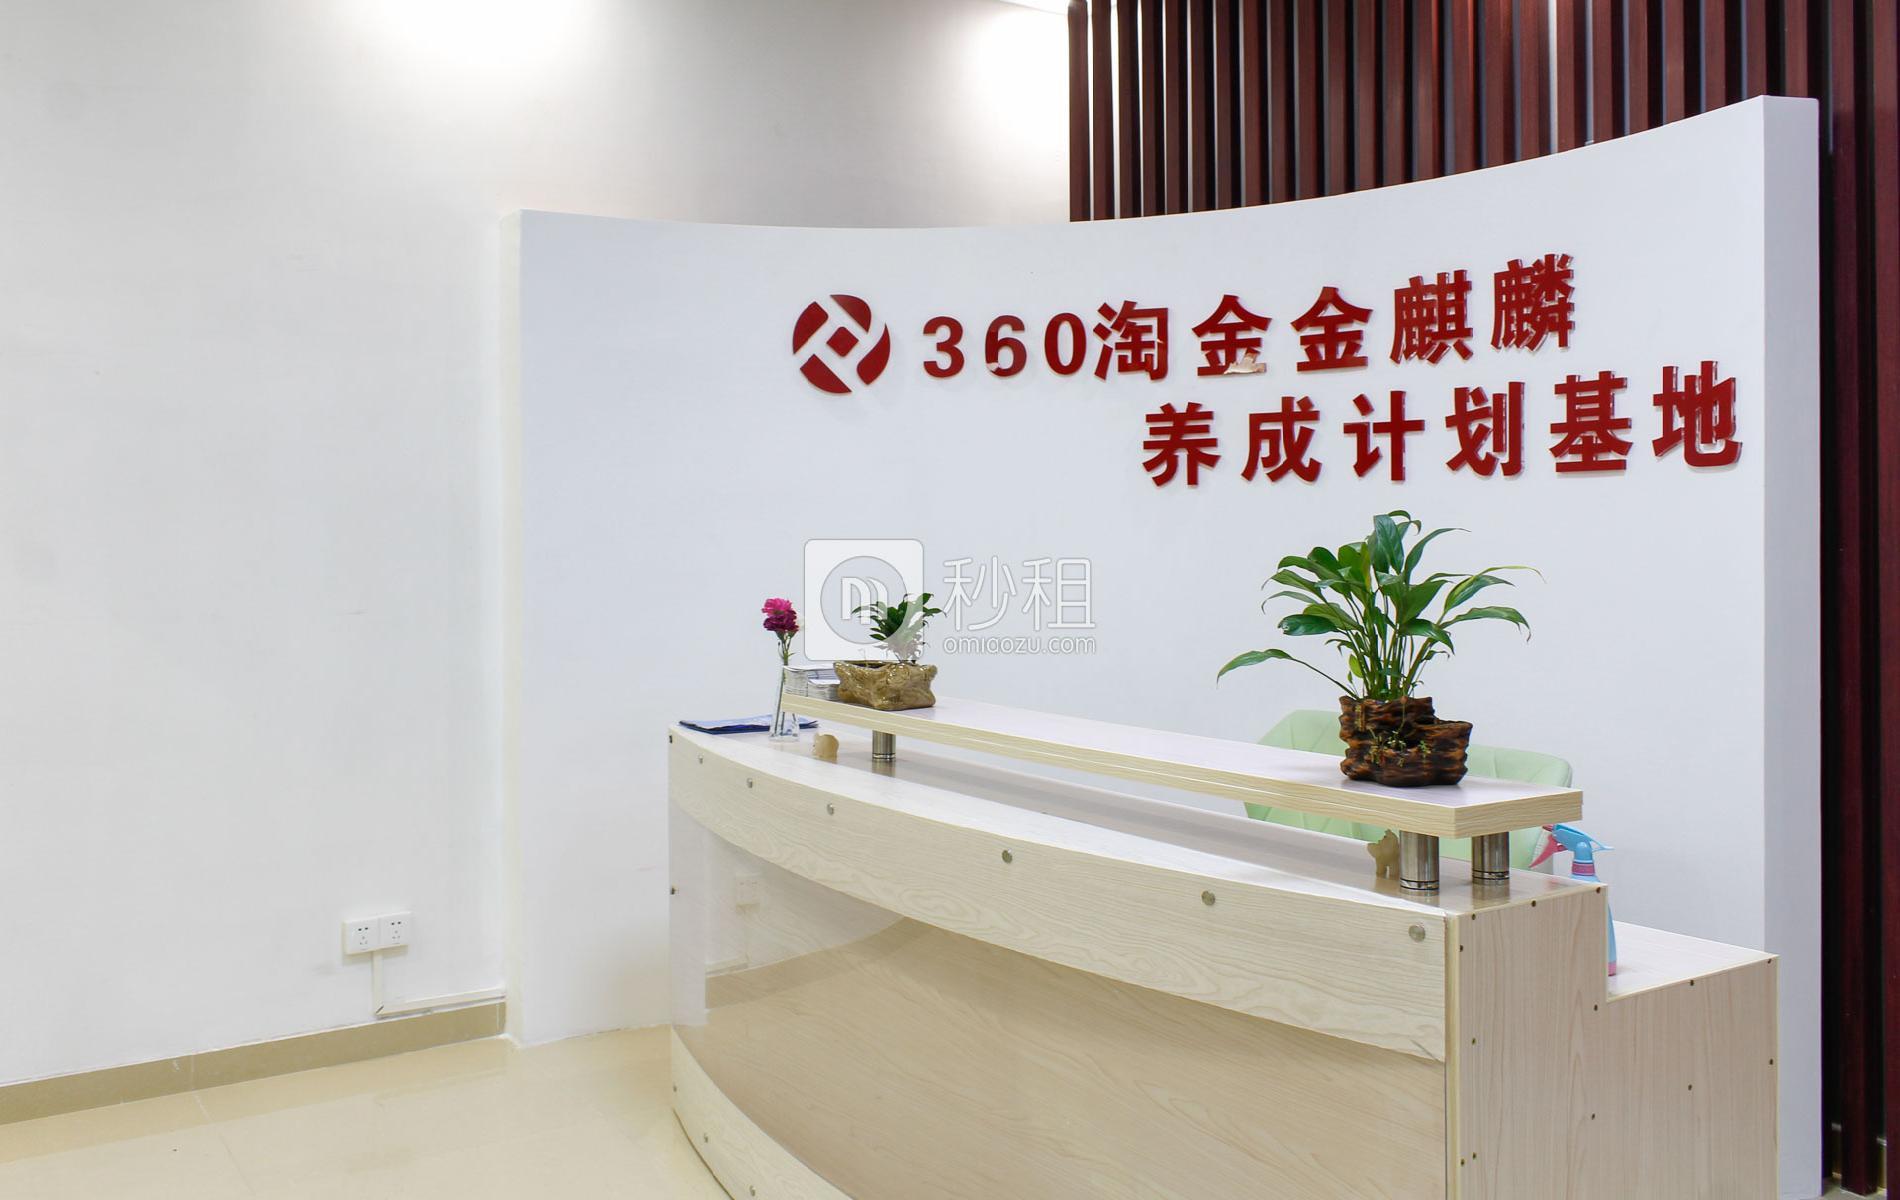 360淘金孵化基地-政商中心